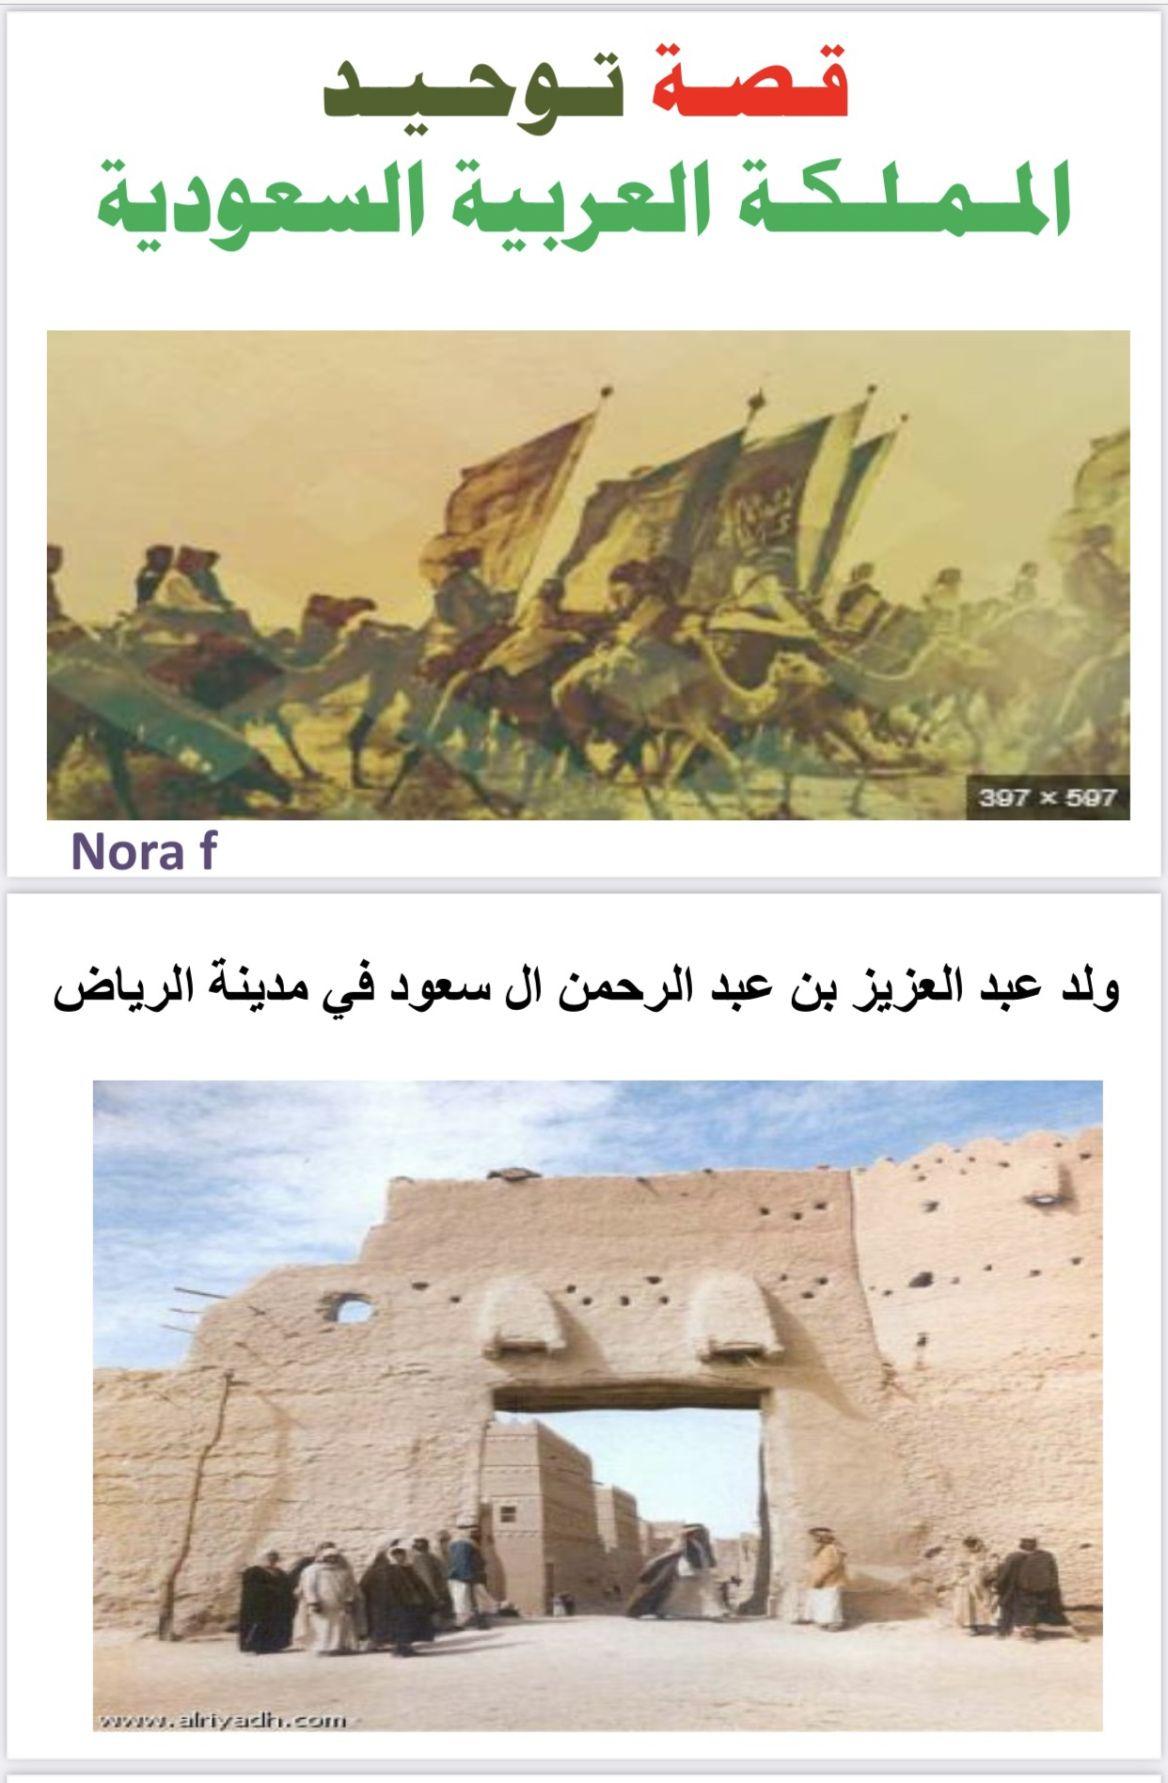 قصة توحيد المملكة العربية السعودية Movie Posters Poster Movies